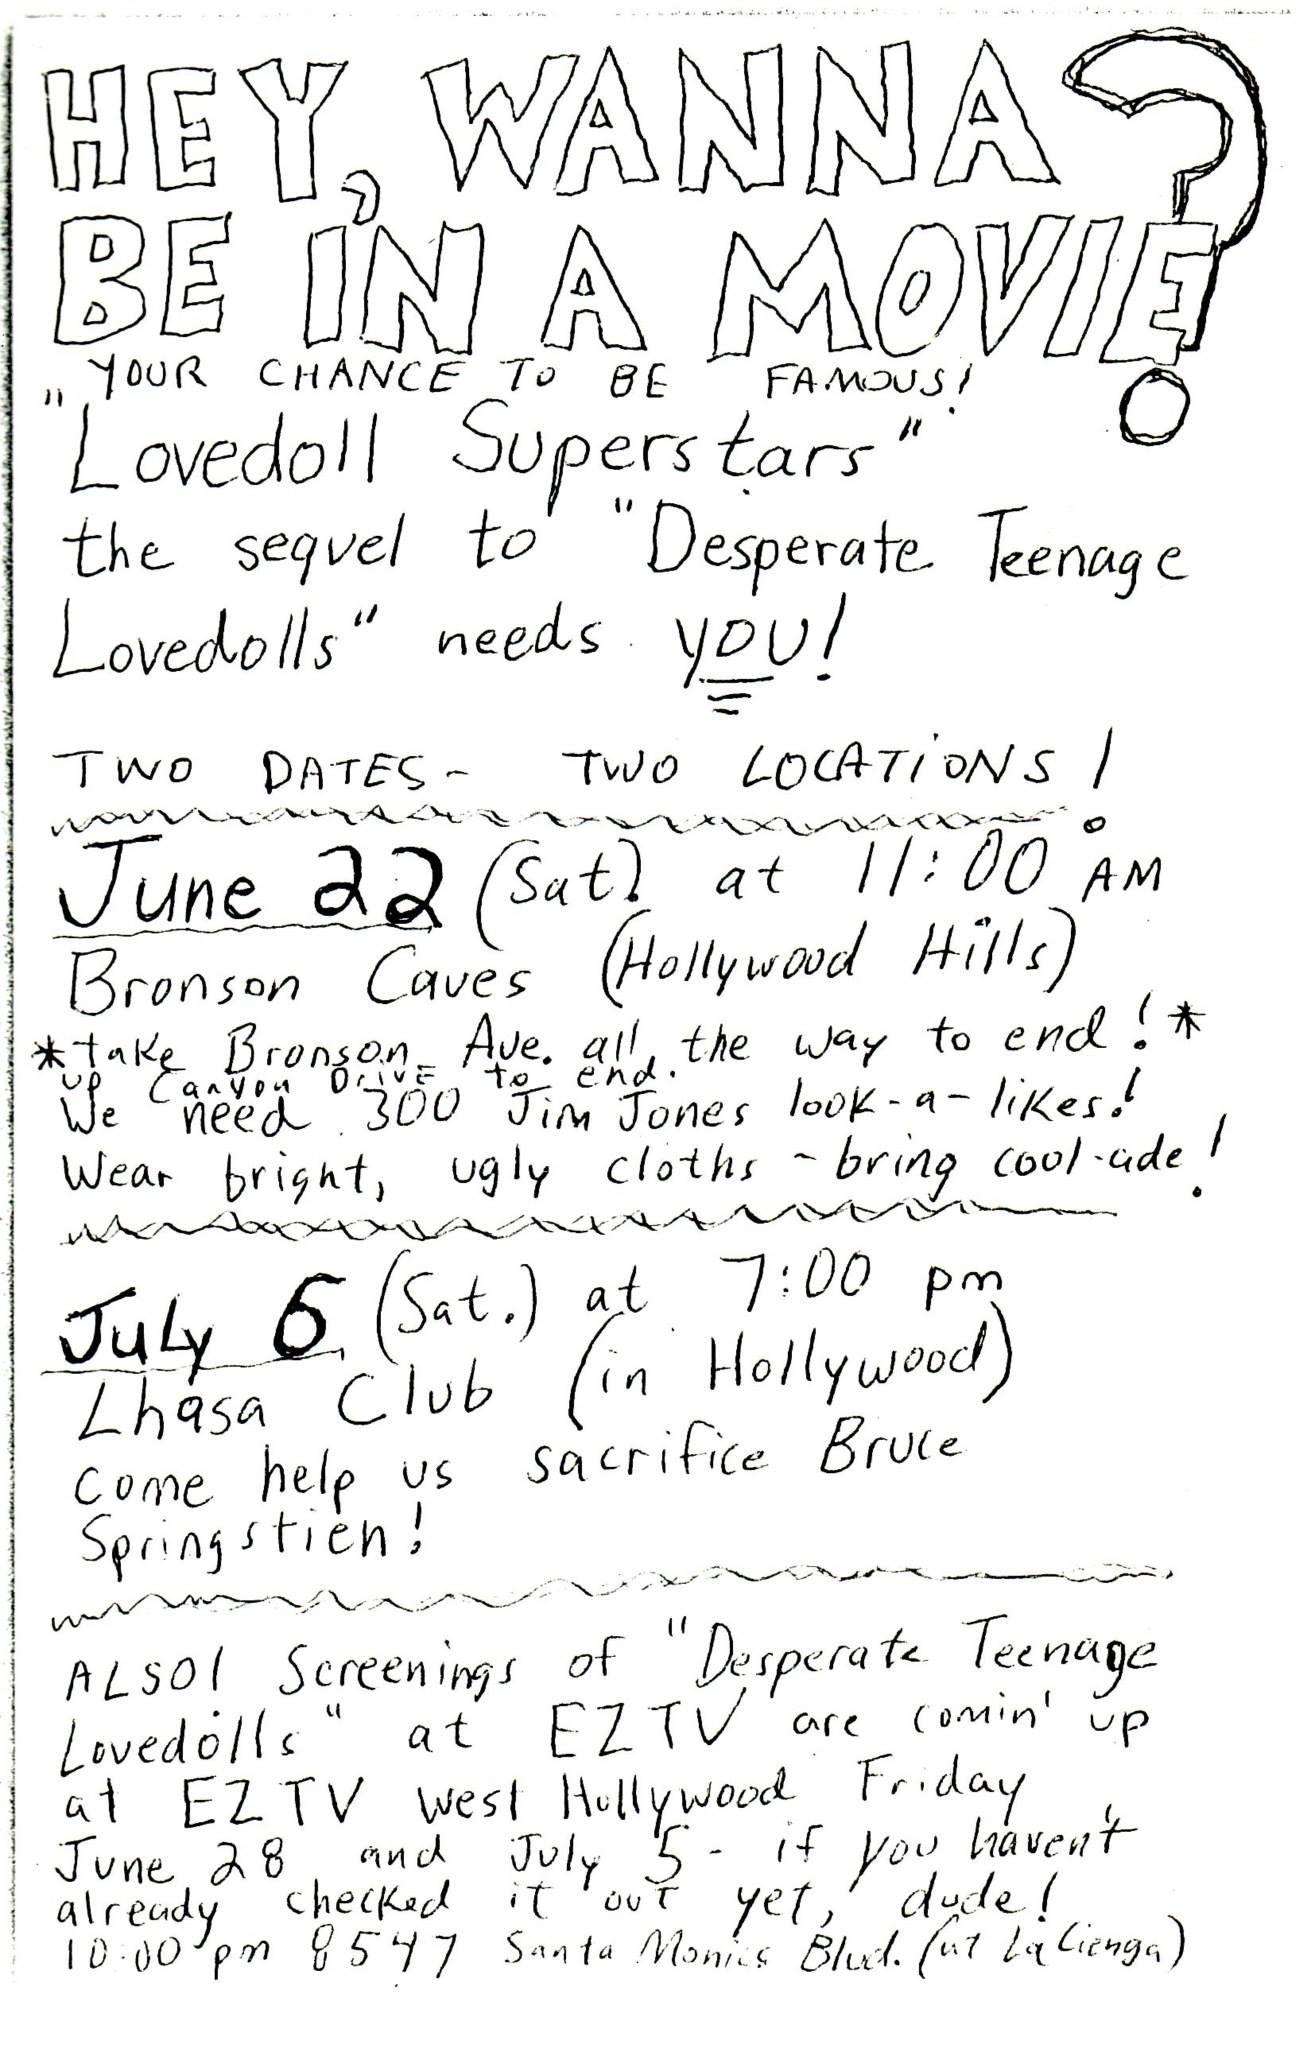 1985 extras casting call flier for Lovedolls Superstar